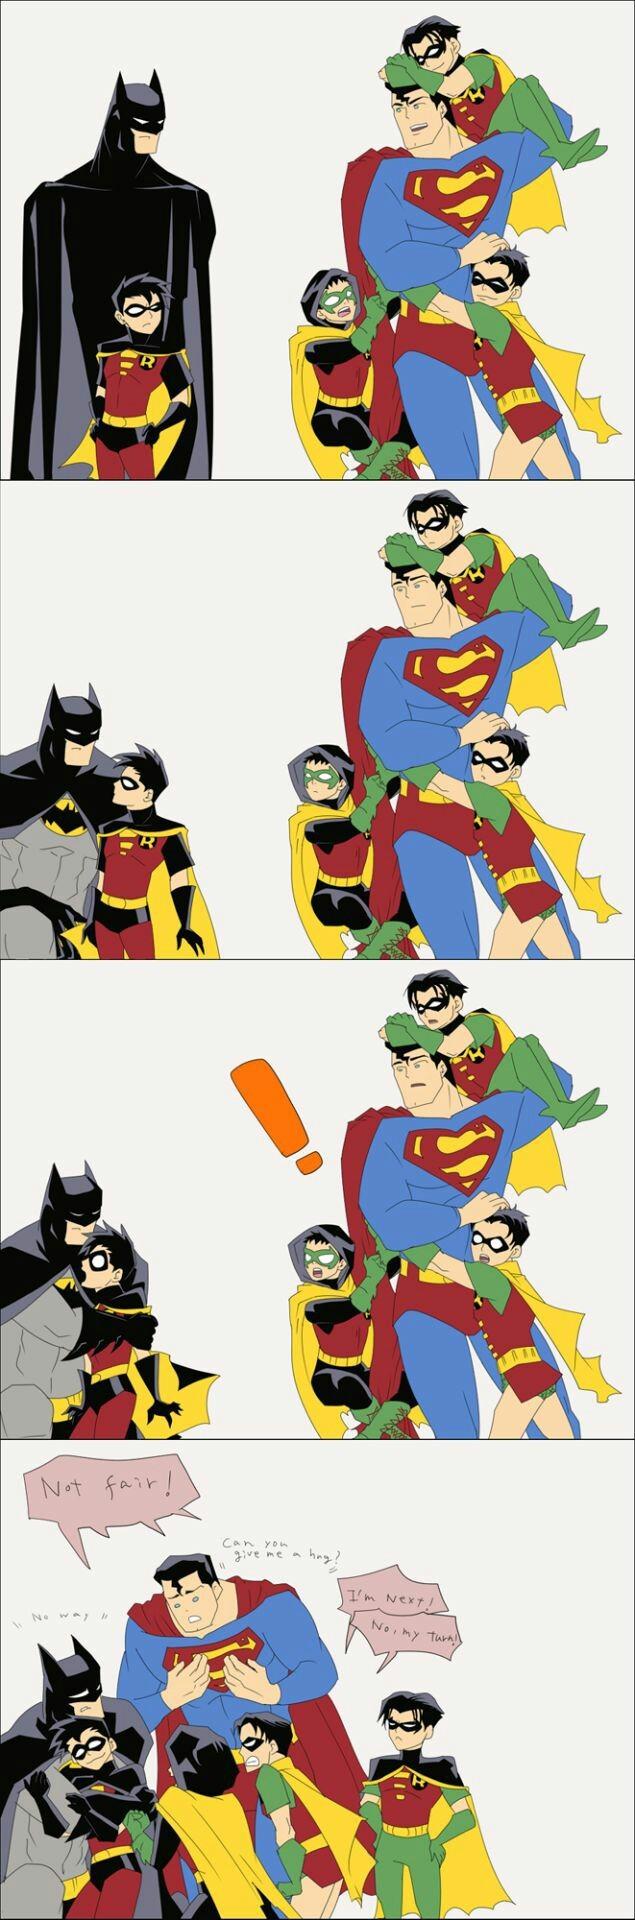 Todos quieren un abrazo de batman - meme